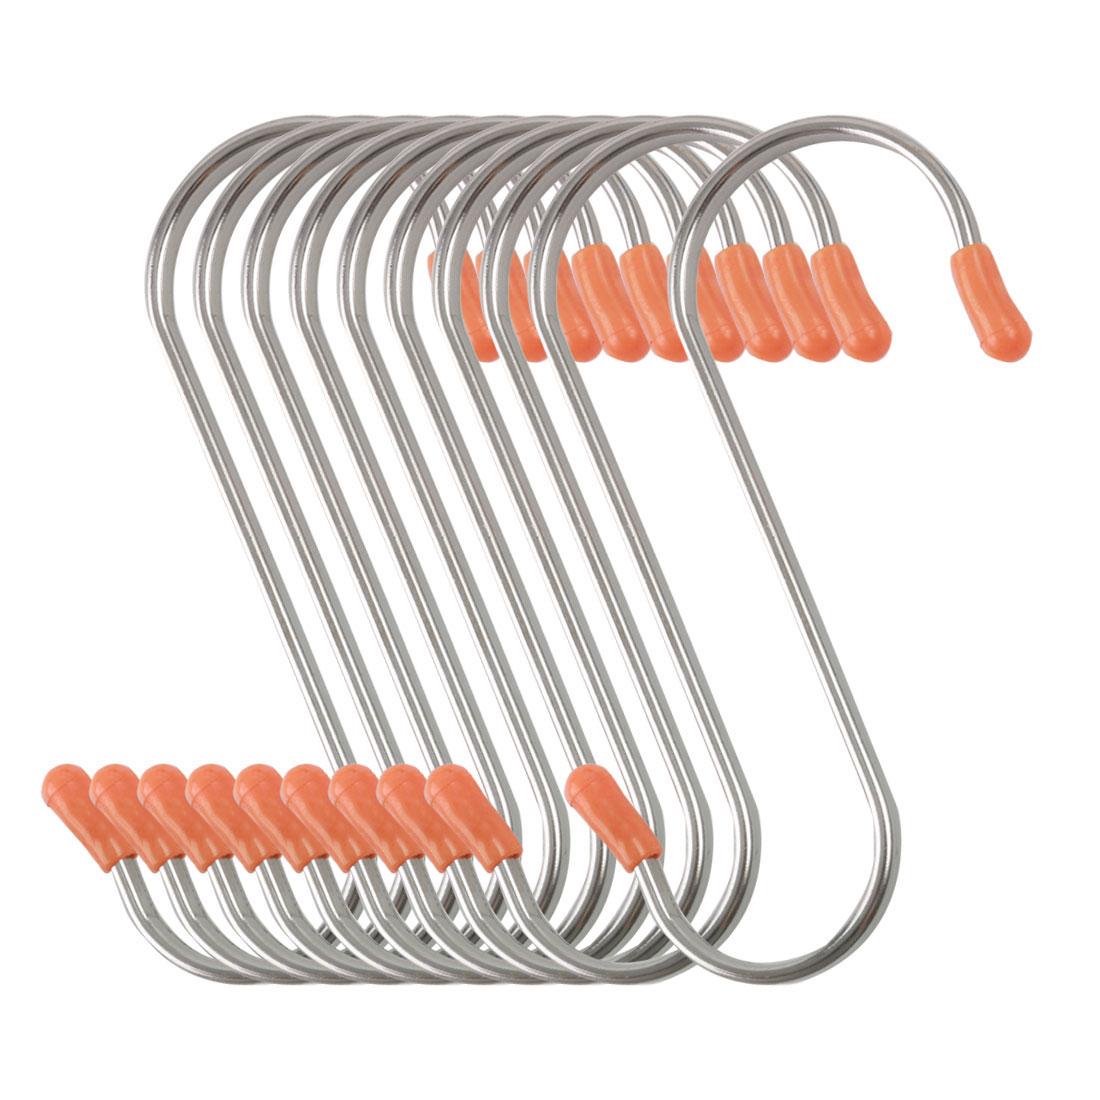 10 Pack S Shape Hook Rack Stainless Steel for Pot Utensils Holder Silver Tone